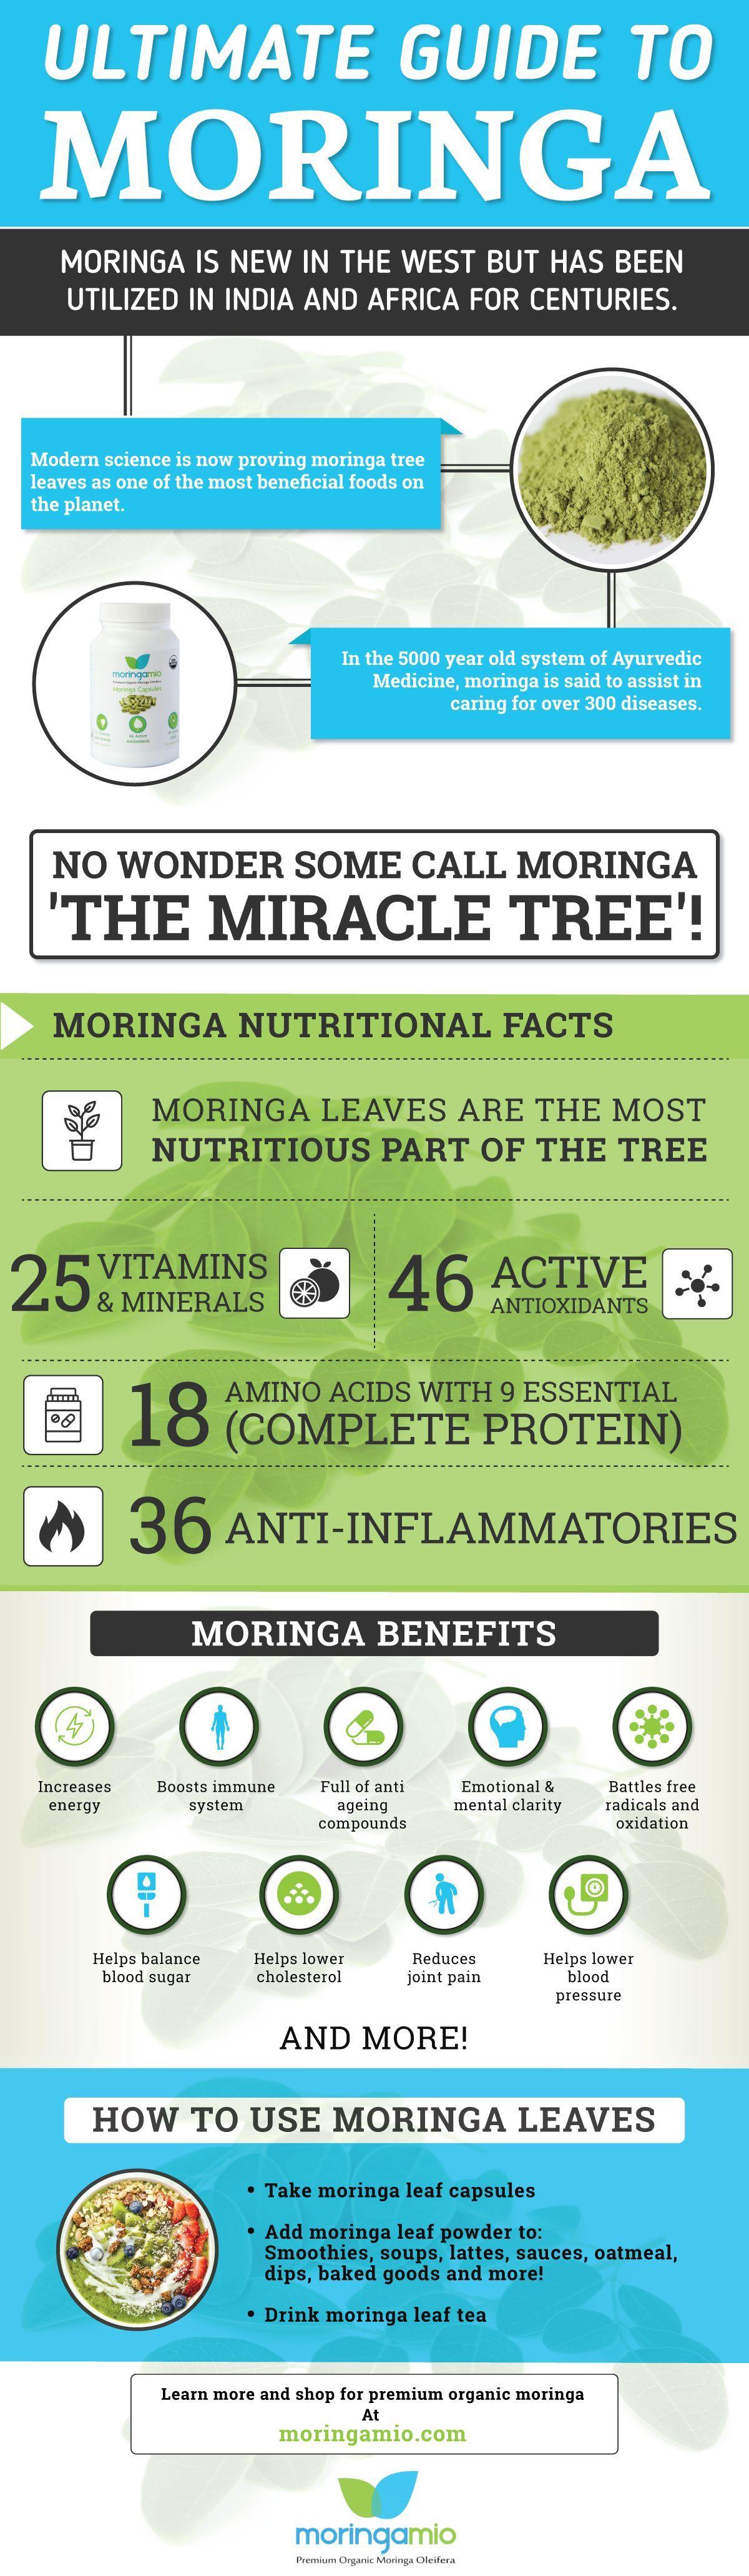 Moringa introduction, moringa nutrition and moringa